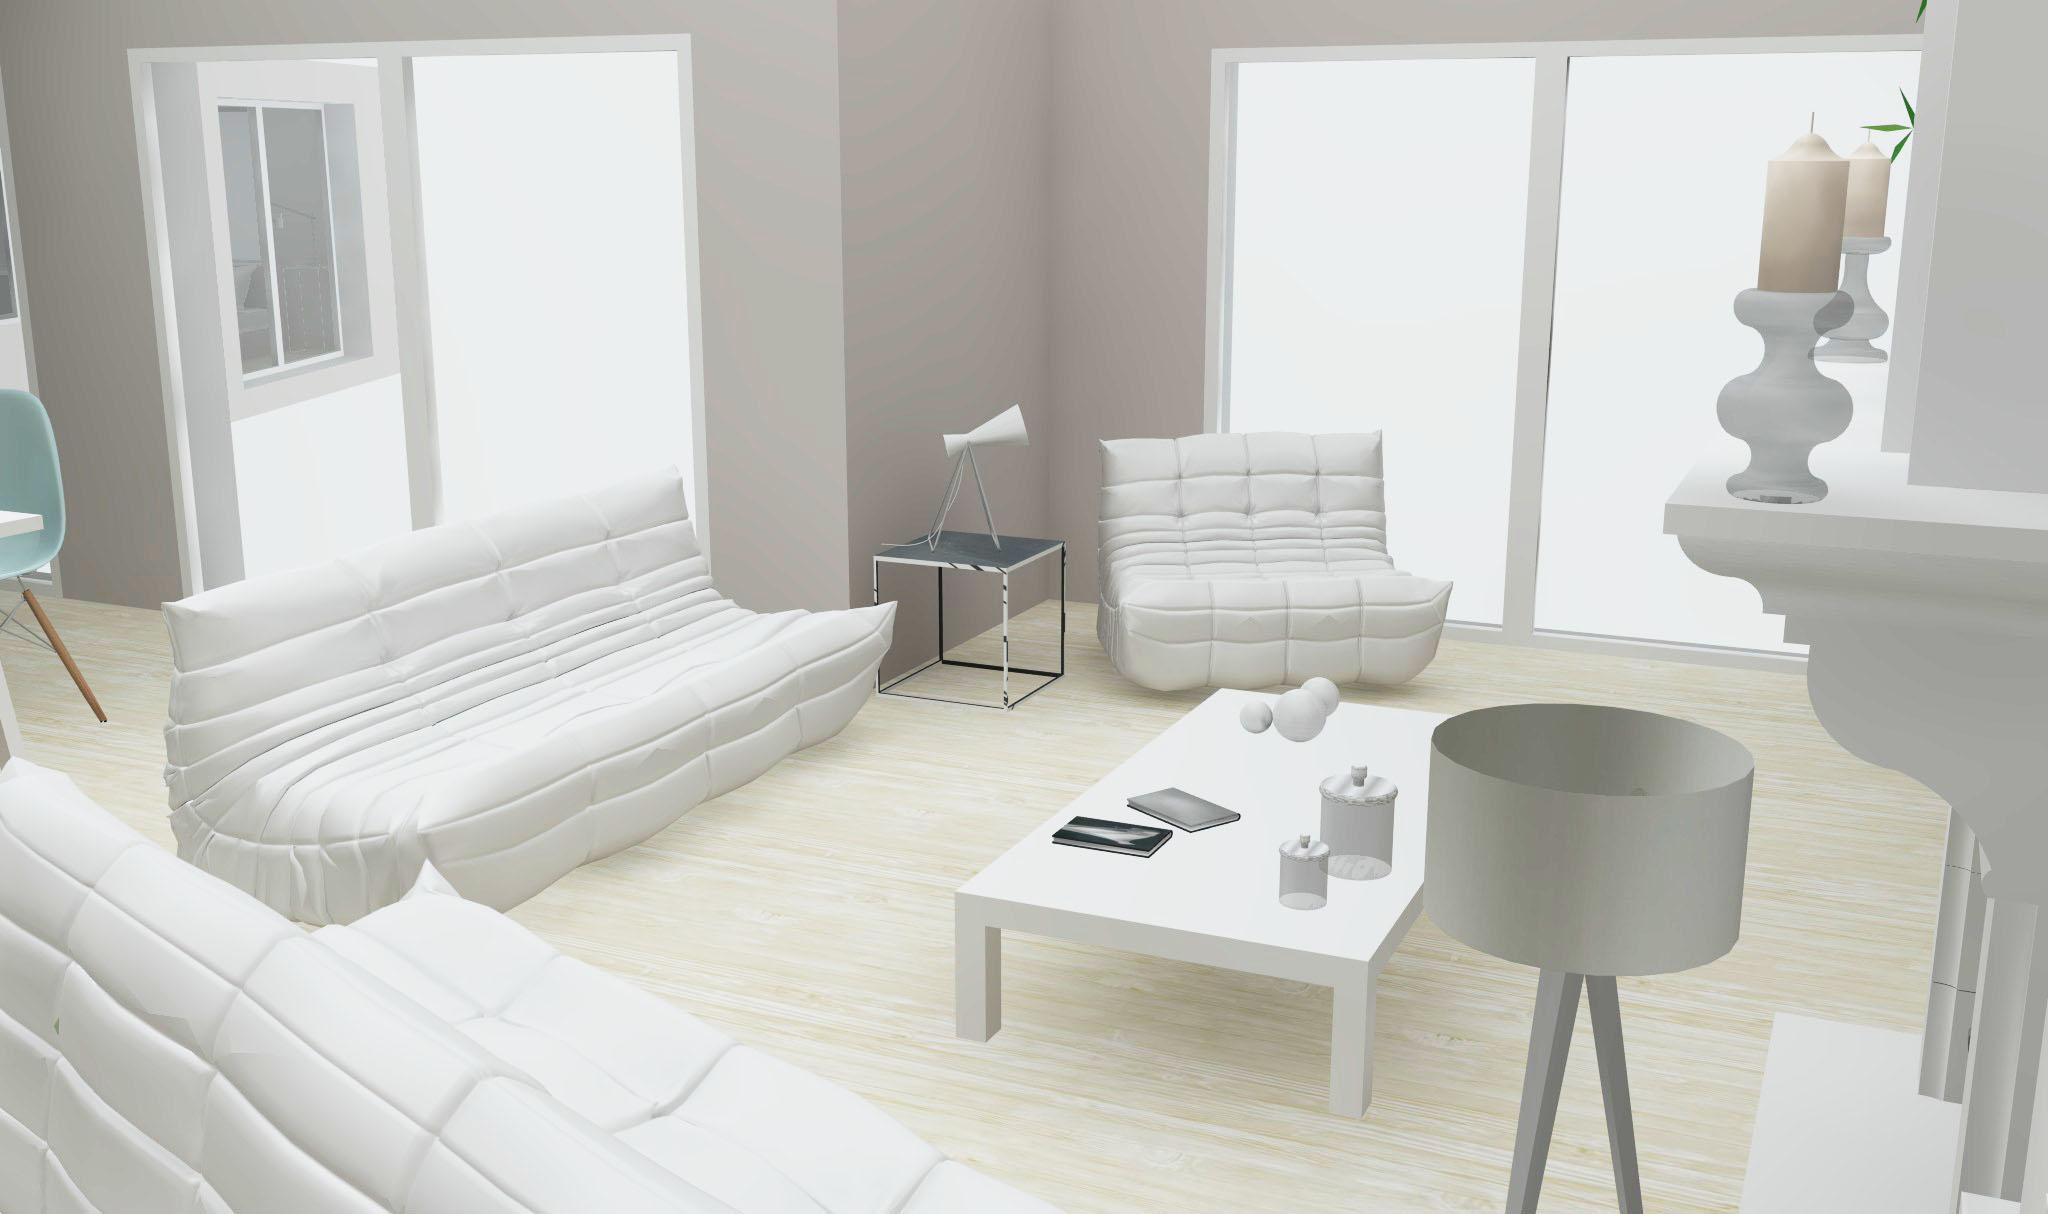 Architecture Maison Nimoise salon L'Atelier d'Elisa